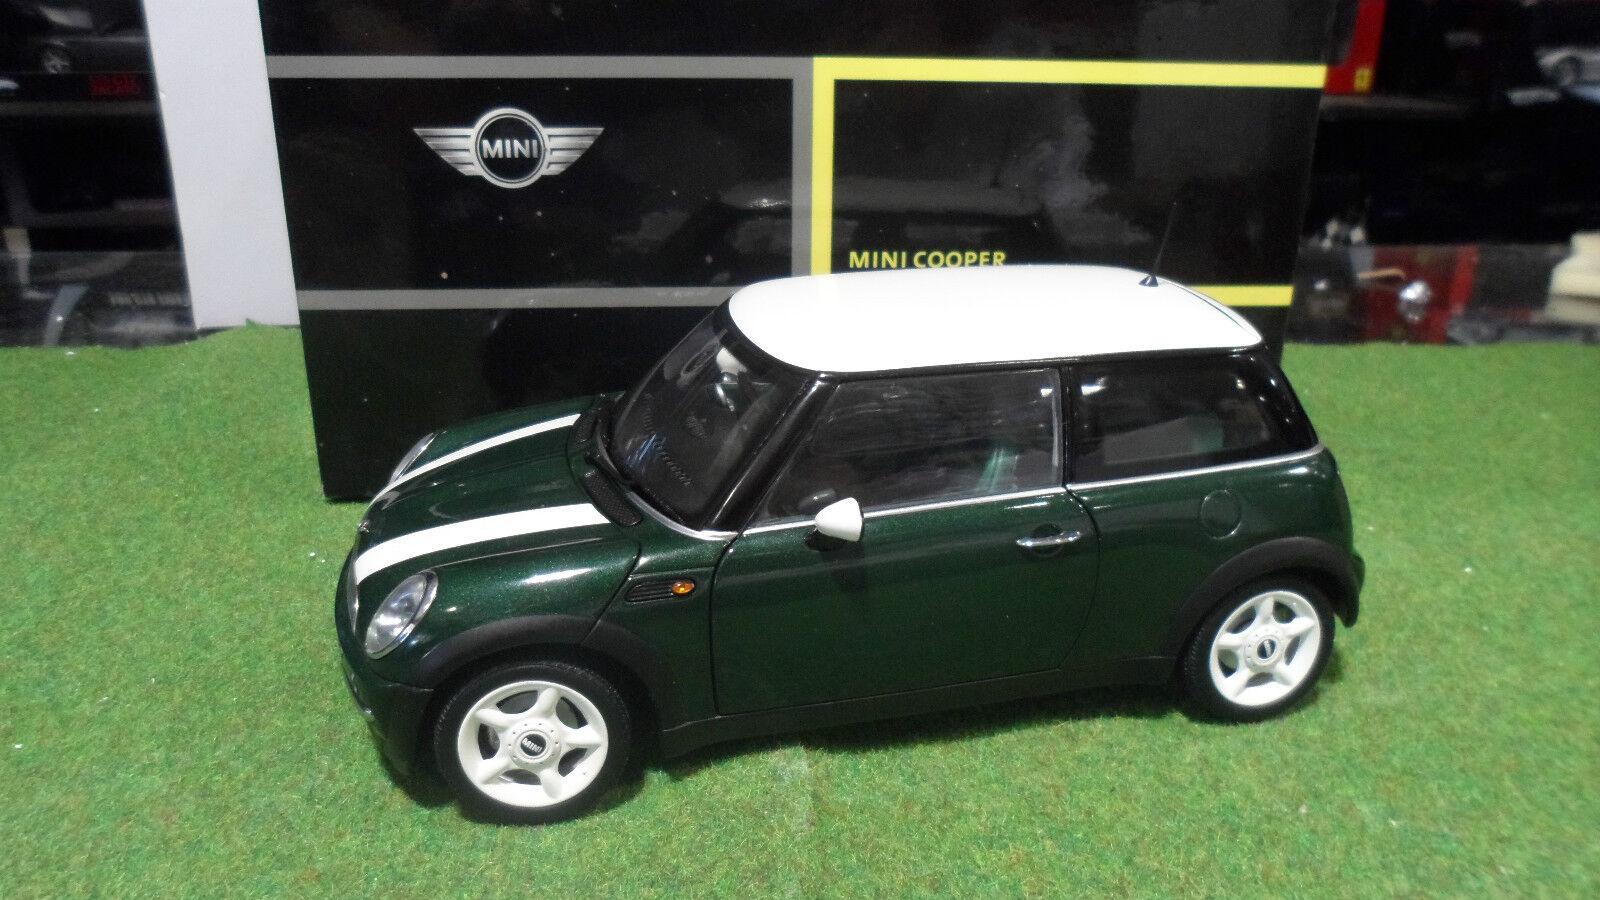 Ahorre 35% - 70% de descuento MINI MINI MINI COOPER BMW verde Conduite à droite 1 18 KYOSHO 80430029833 voiture miniature  calidad fantástica